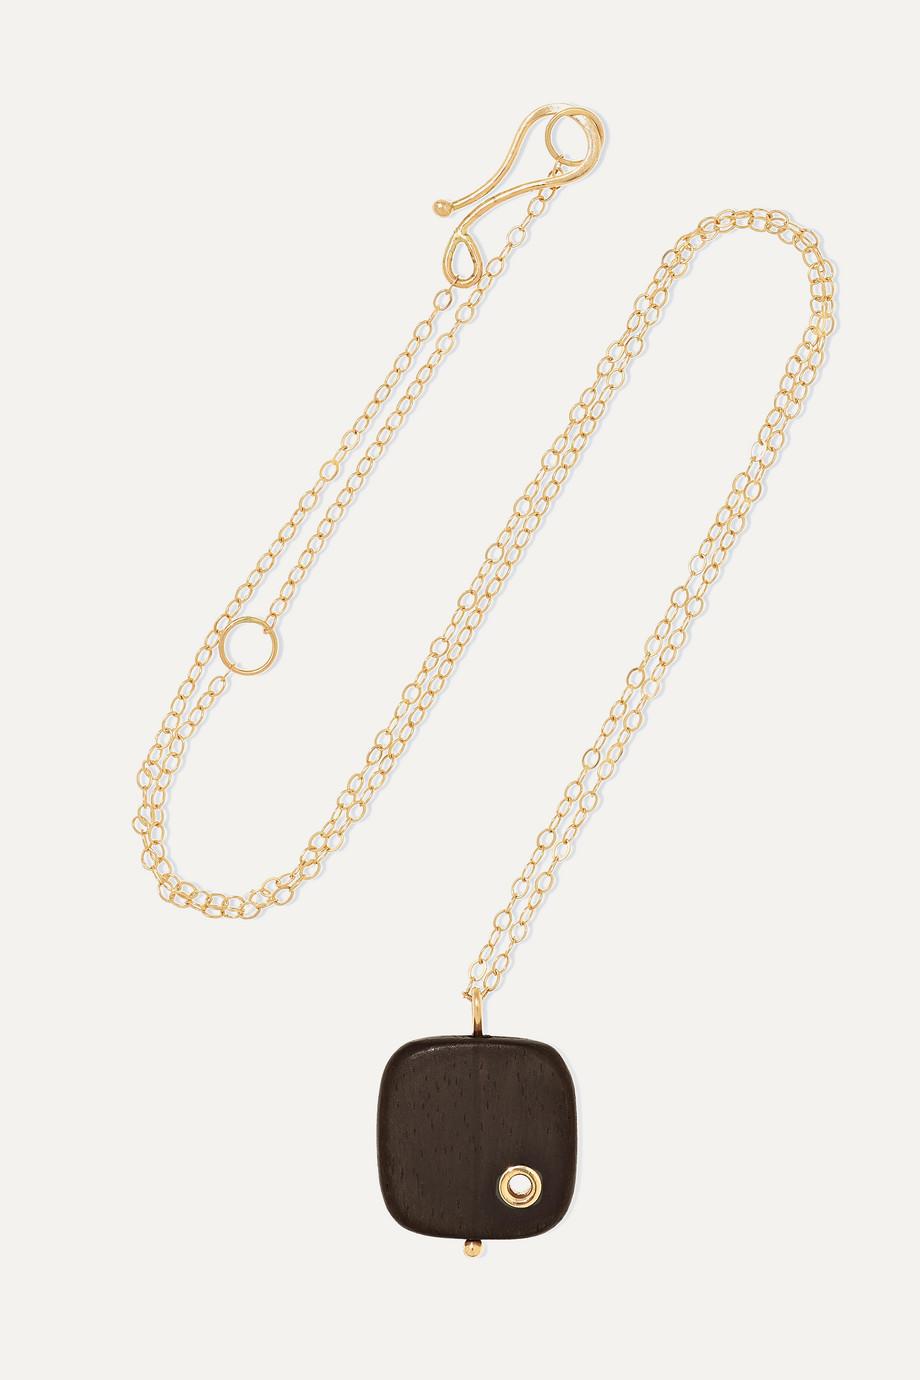 Melissa Joy Manning 14-karat gold ebony necklace